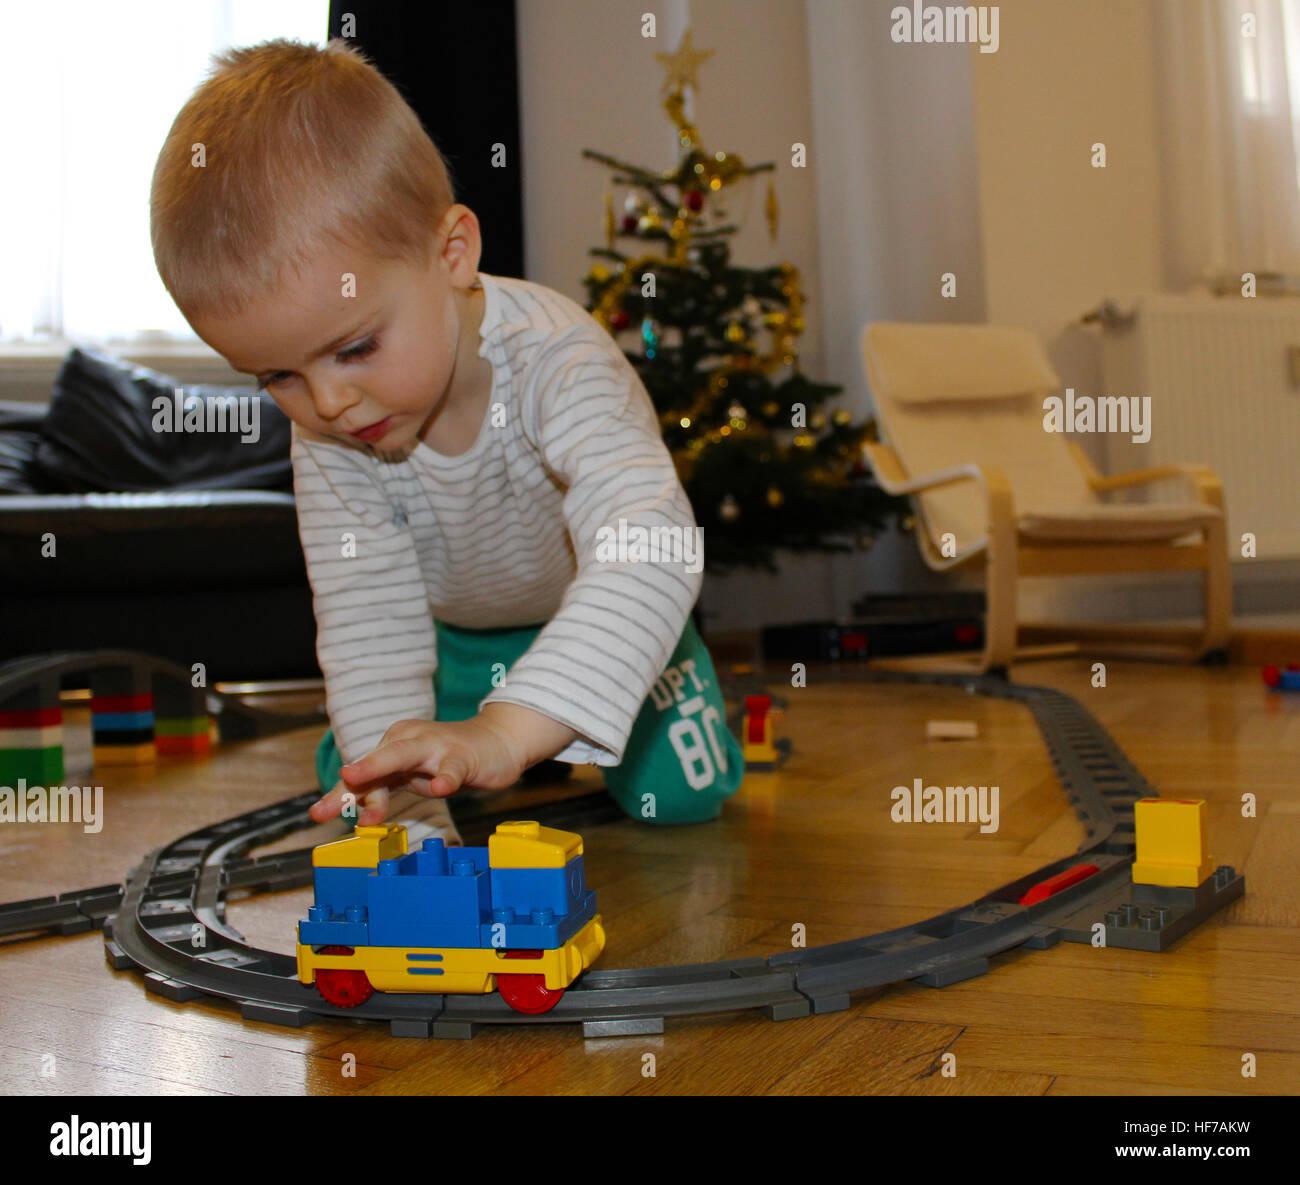 Duplo Weihnachten.Junge Baby Kind Zug Lego Duplo Weihnachten Geschenk Präsent